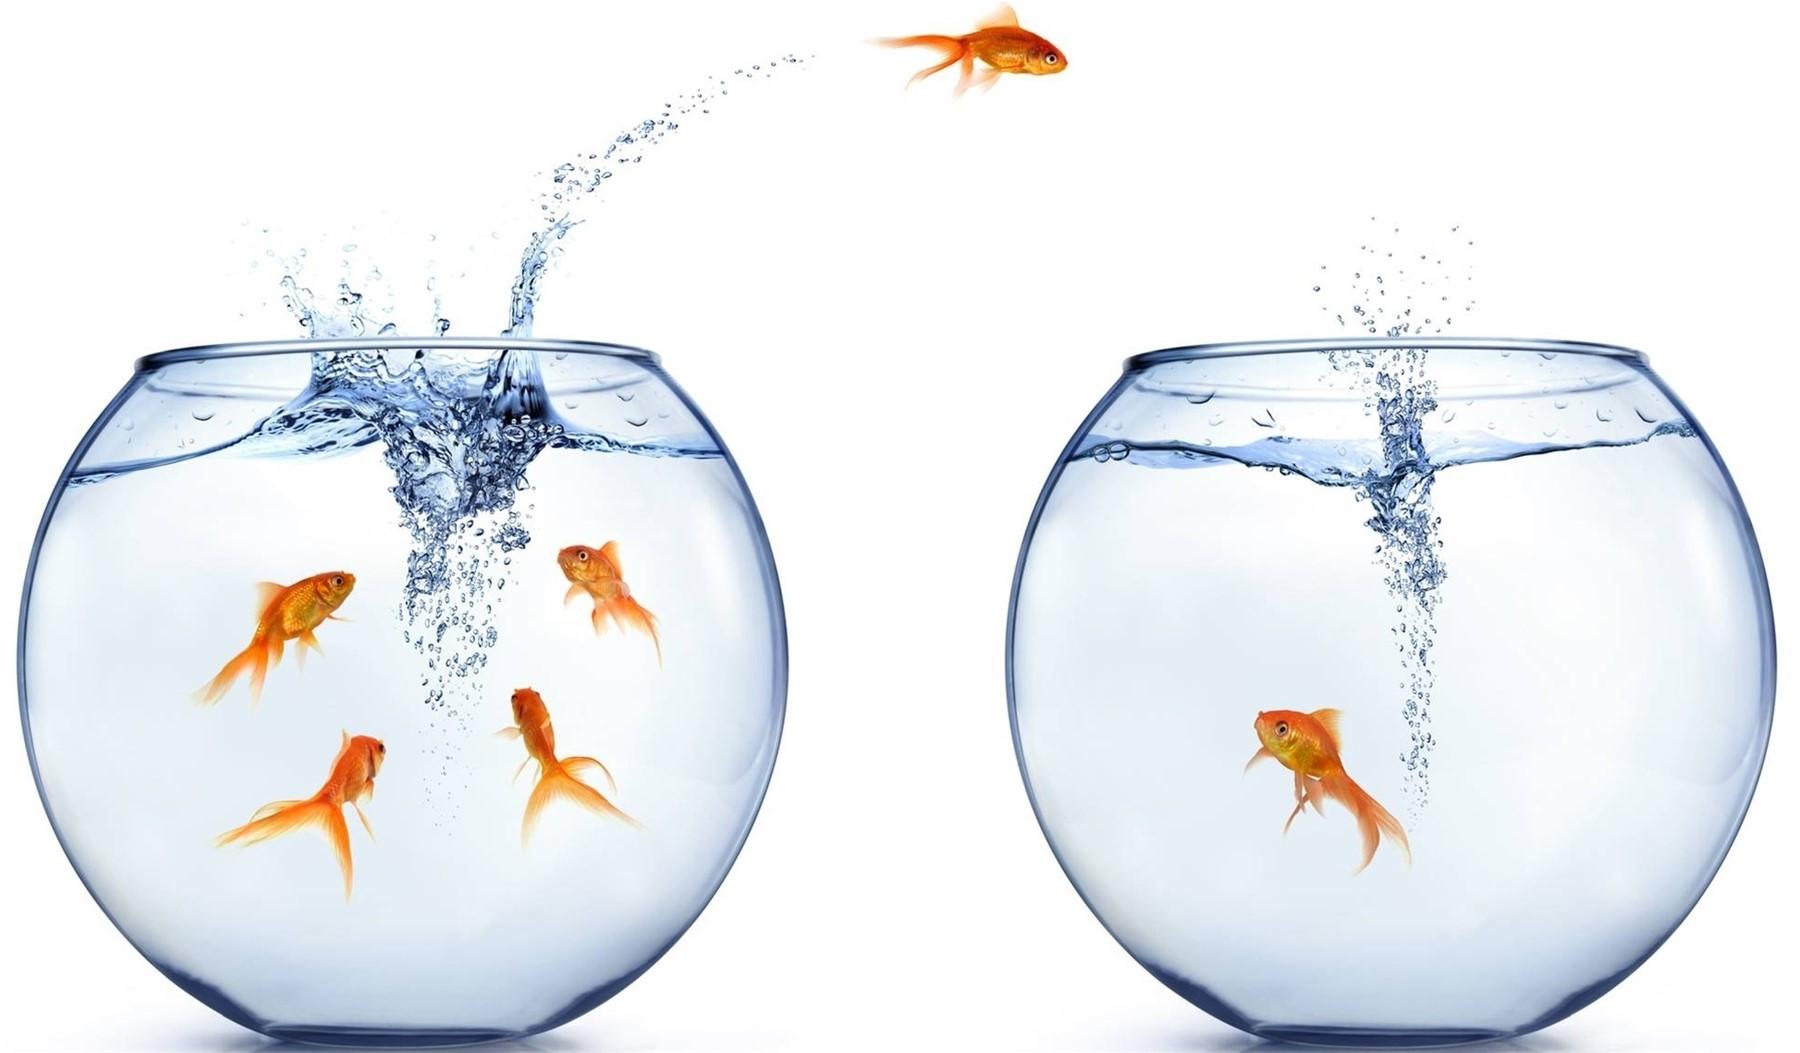 Các doanh nghiệp nên mạnh dạn sáng tạo và thay đổi để có thể chiếm ưu thế trên thị trường cạnh tranh hiện tại